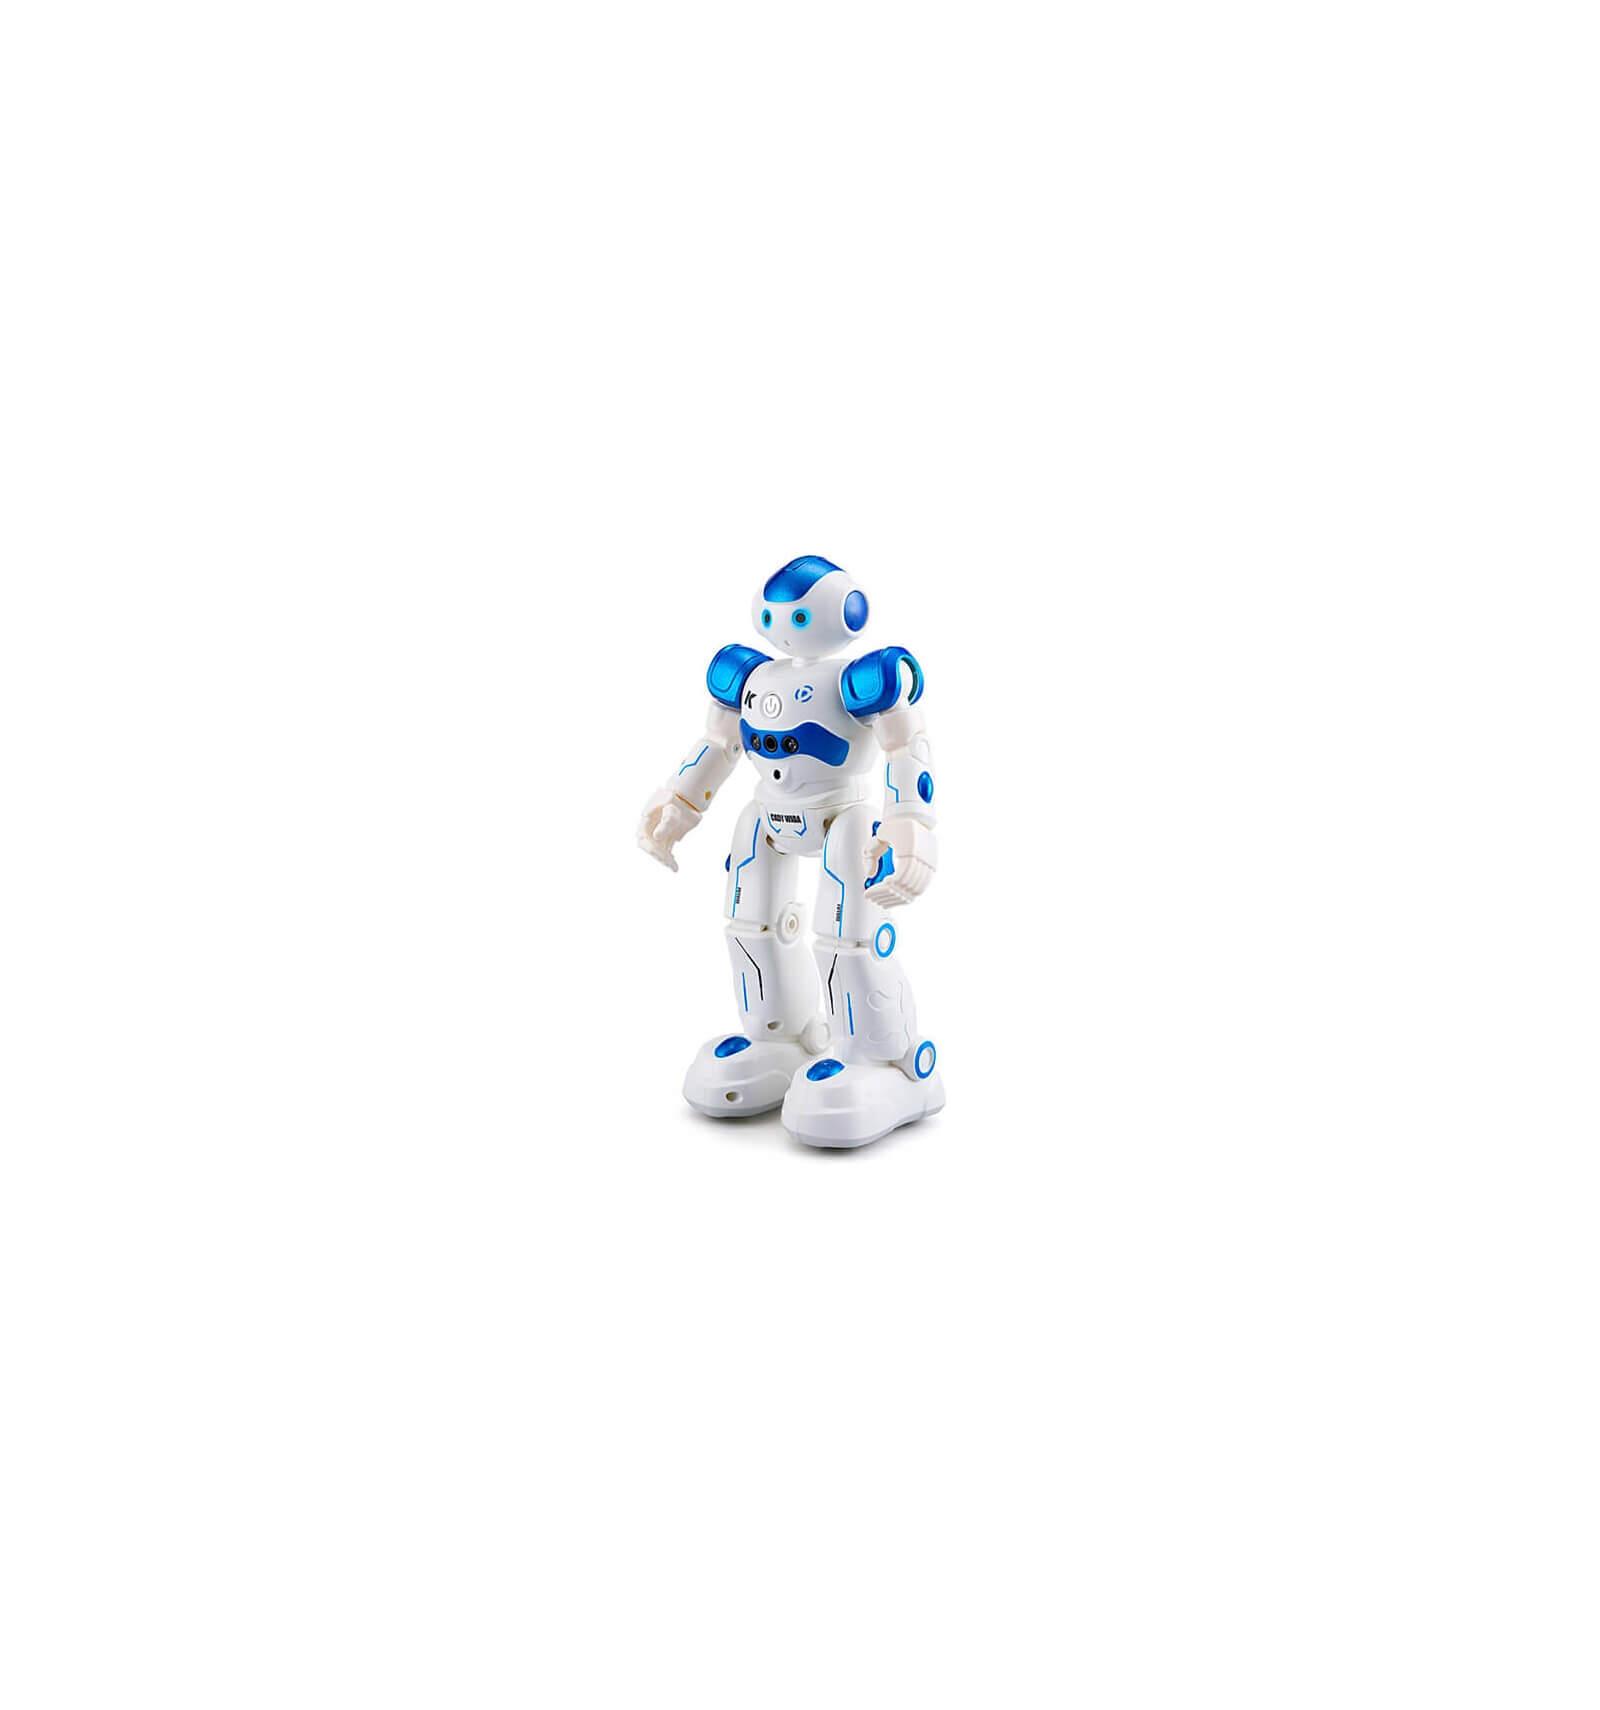 robot care câștigă cu adevărat